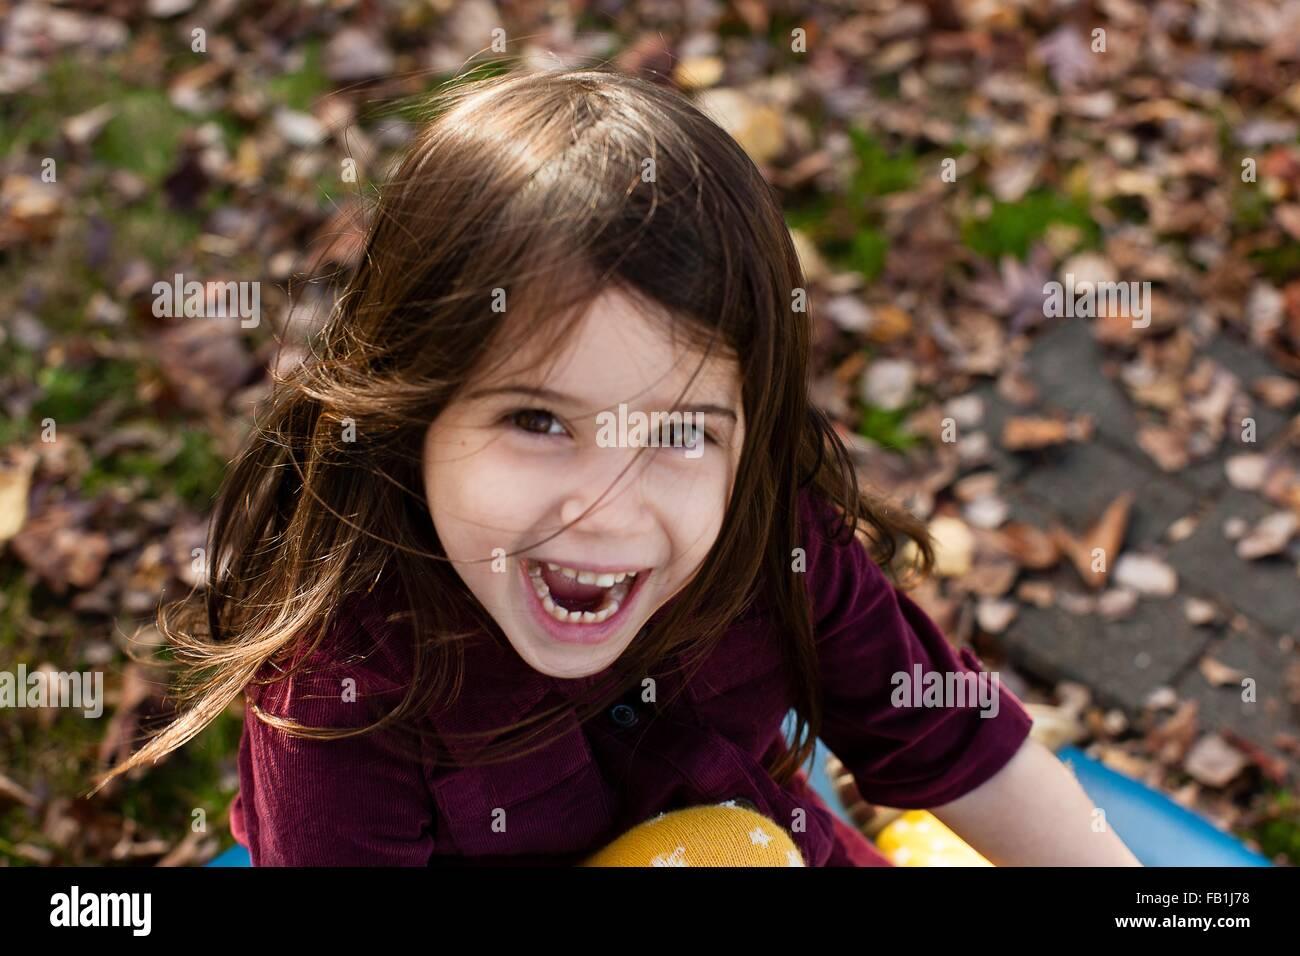 Angolo alto Ritratto di giovane ragazza tra foglie di autunno guardando la telecamera con imboccatura aperta sorridente Immagini Stock